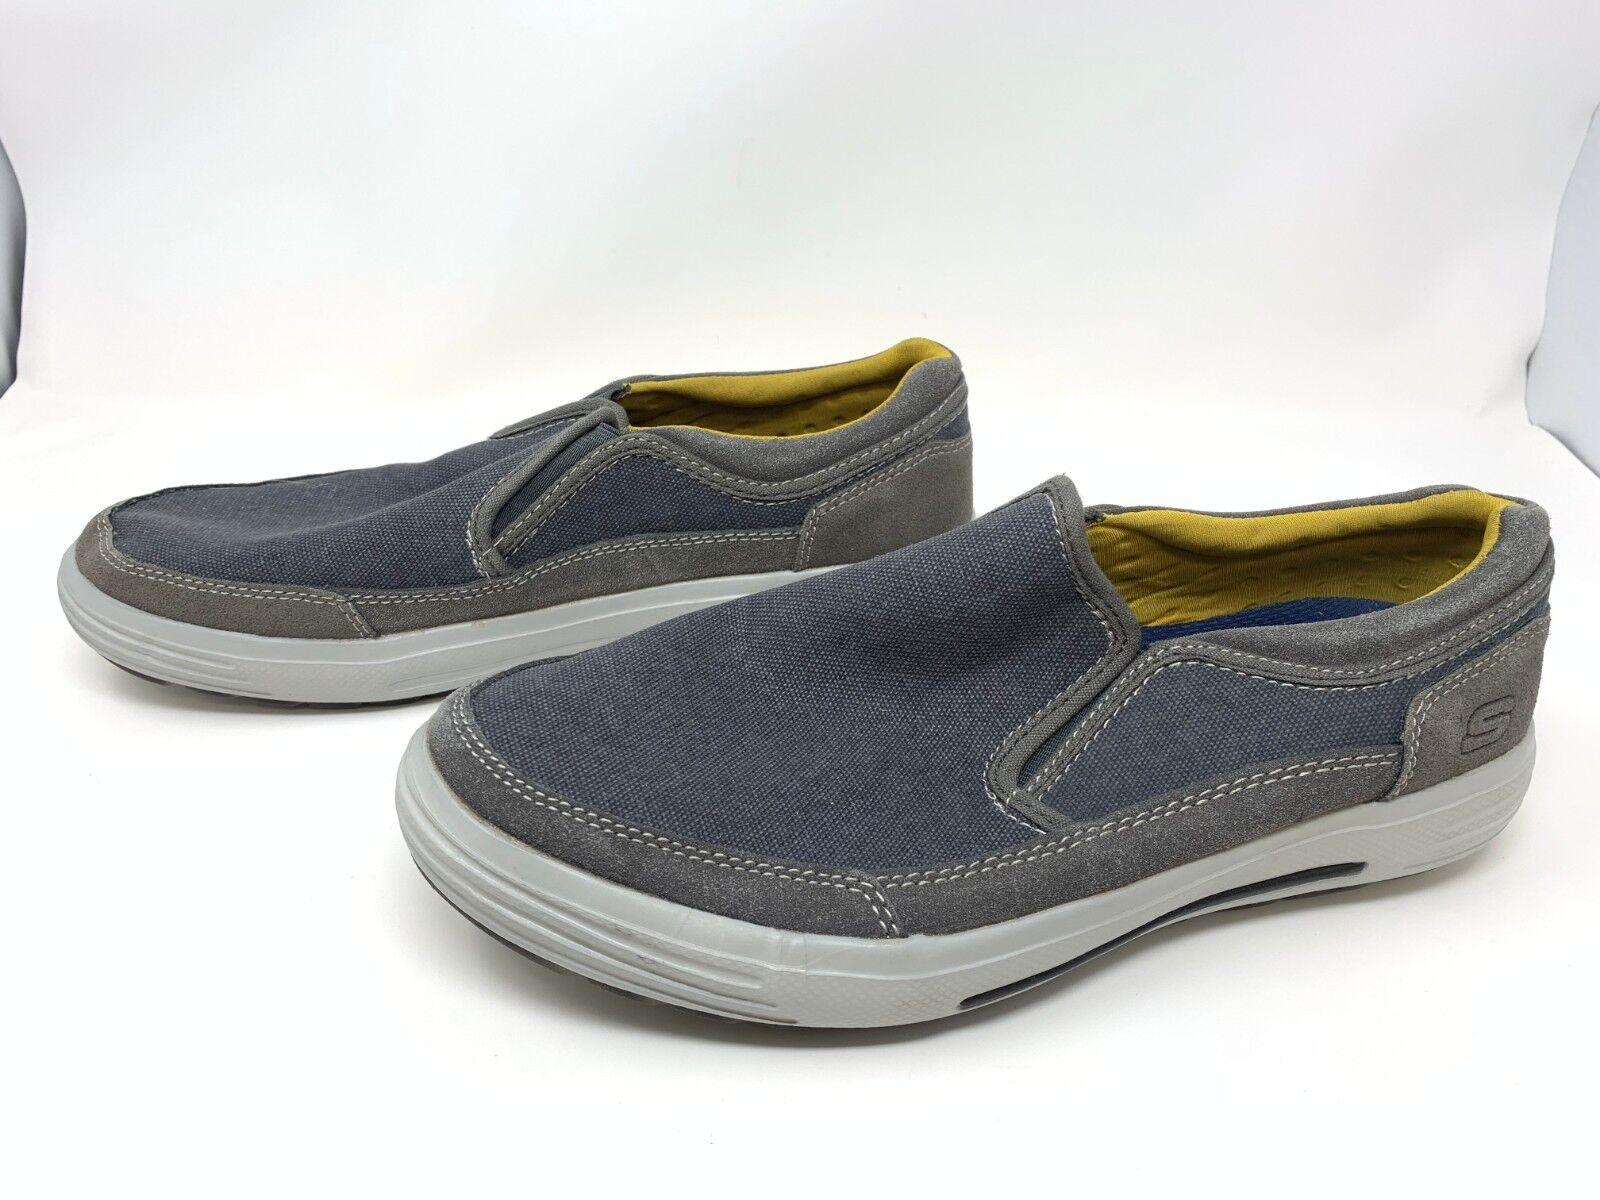 Mens Skechers (64945) PORTER COMPEN comfort sneakers (14P)